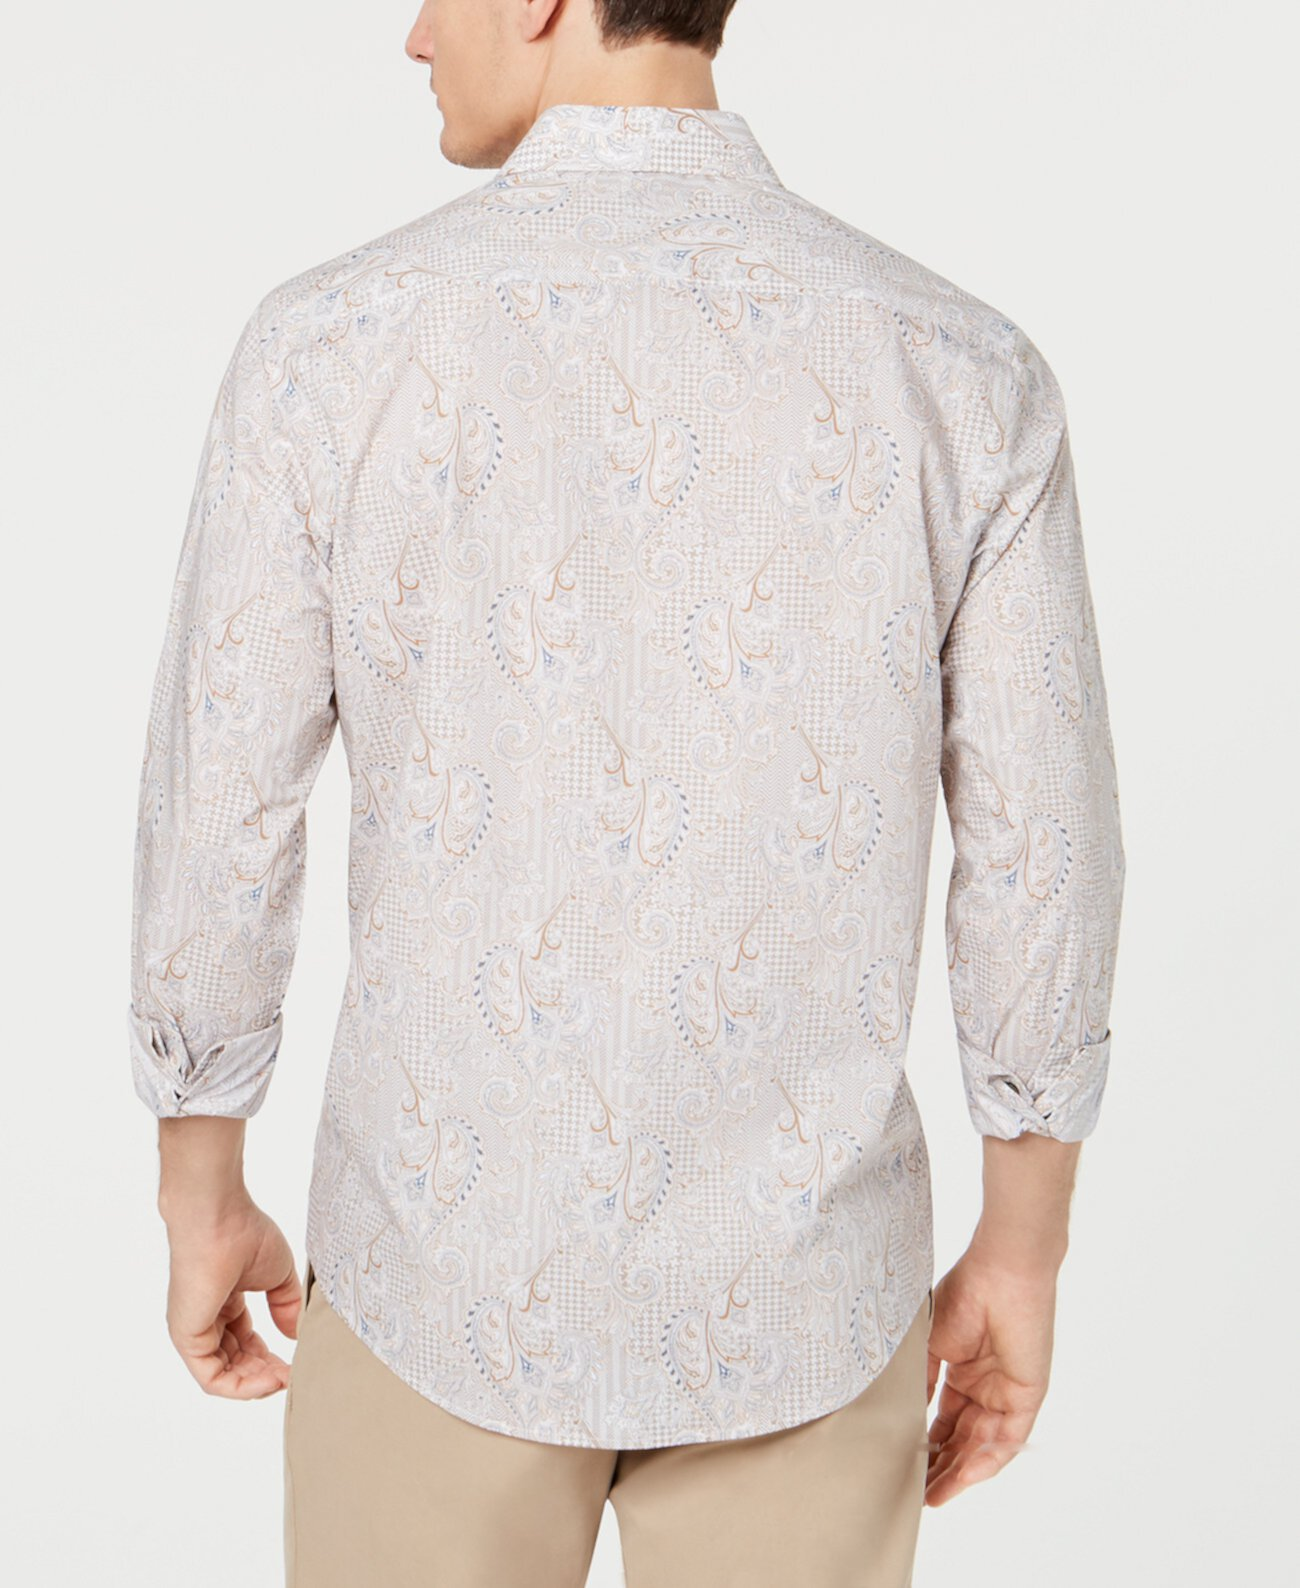 Мужская эластичная рубашка с принтом пейсли, созданная для Macy's Tasso Elba